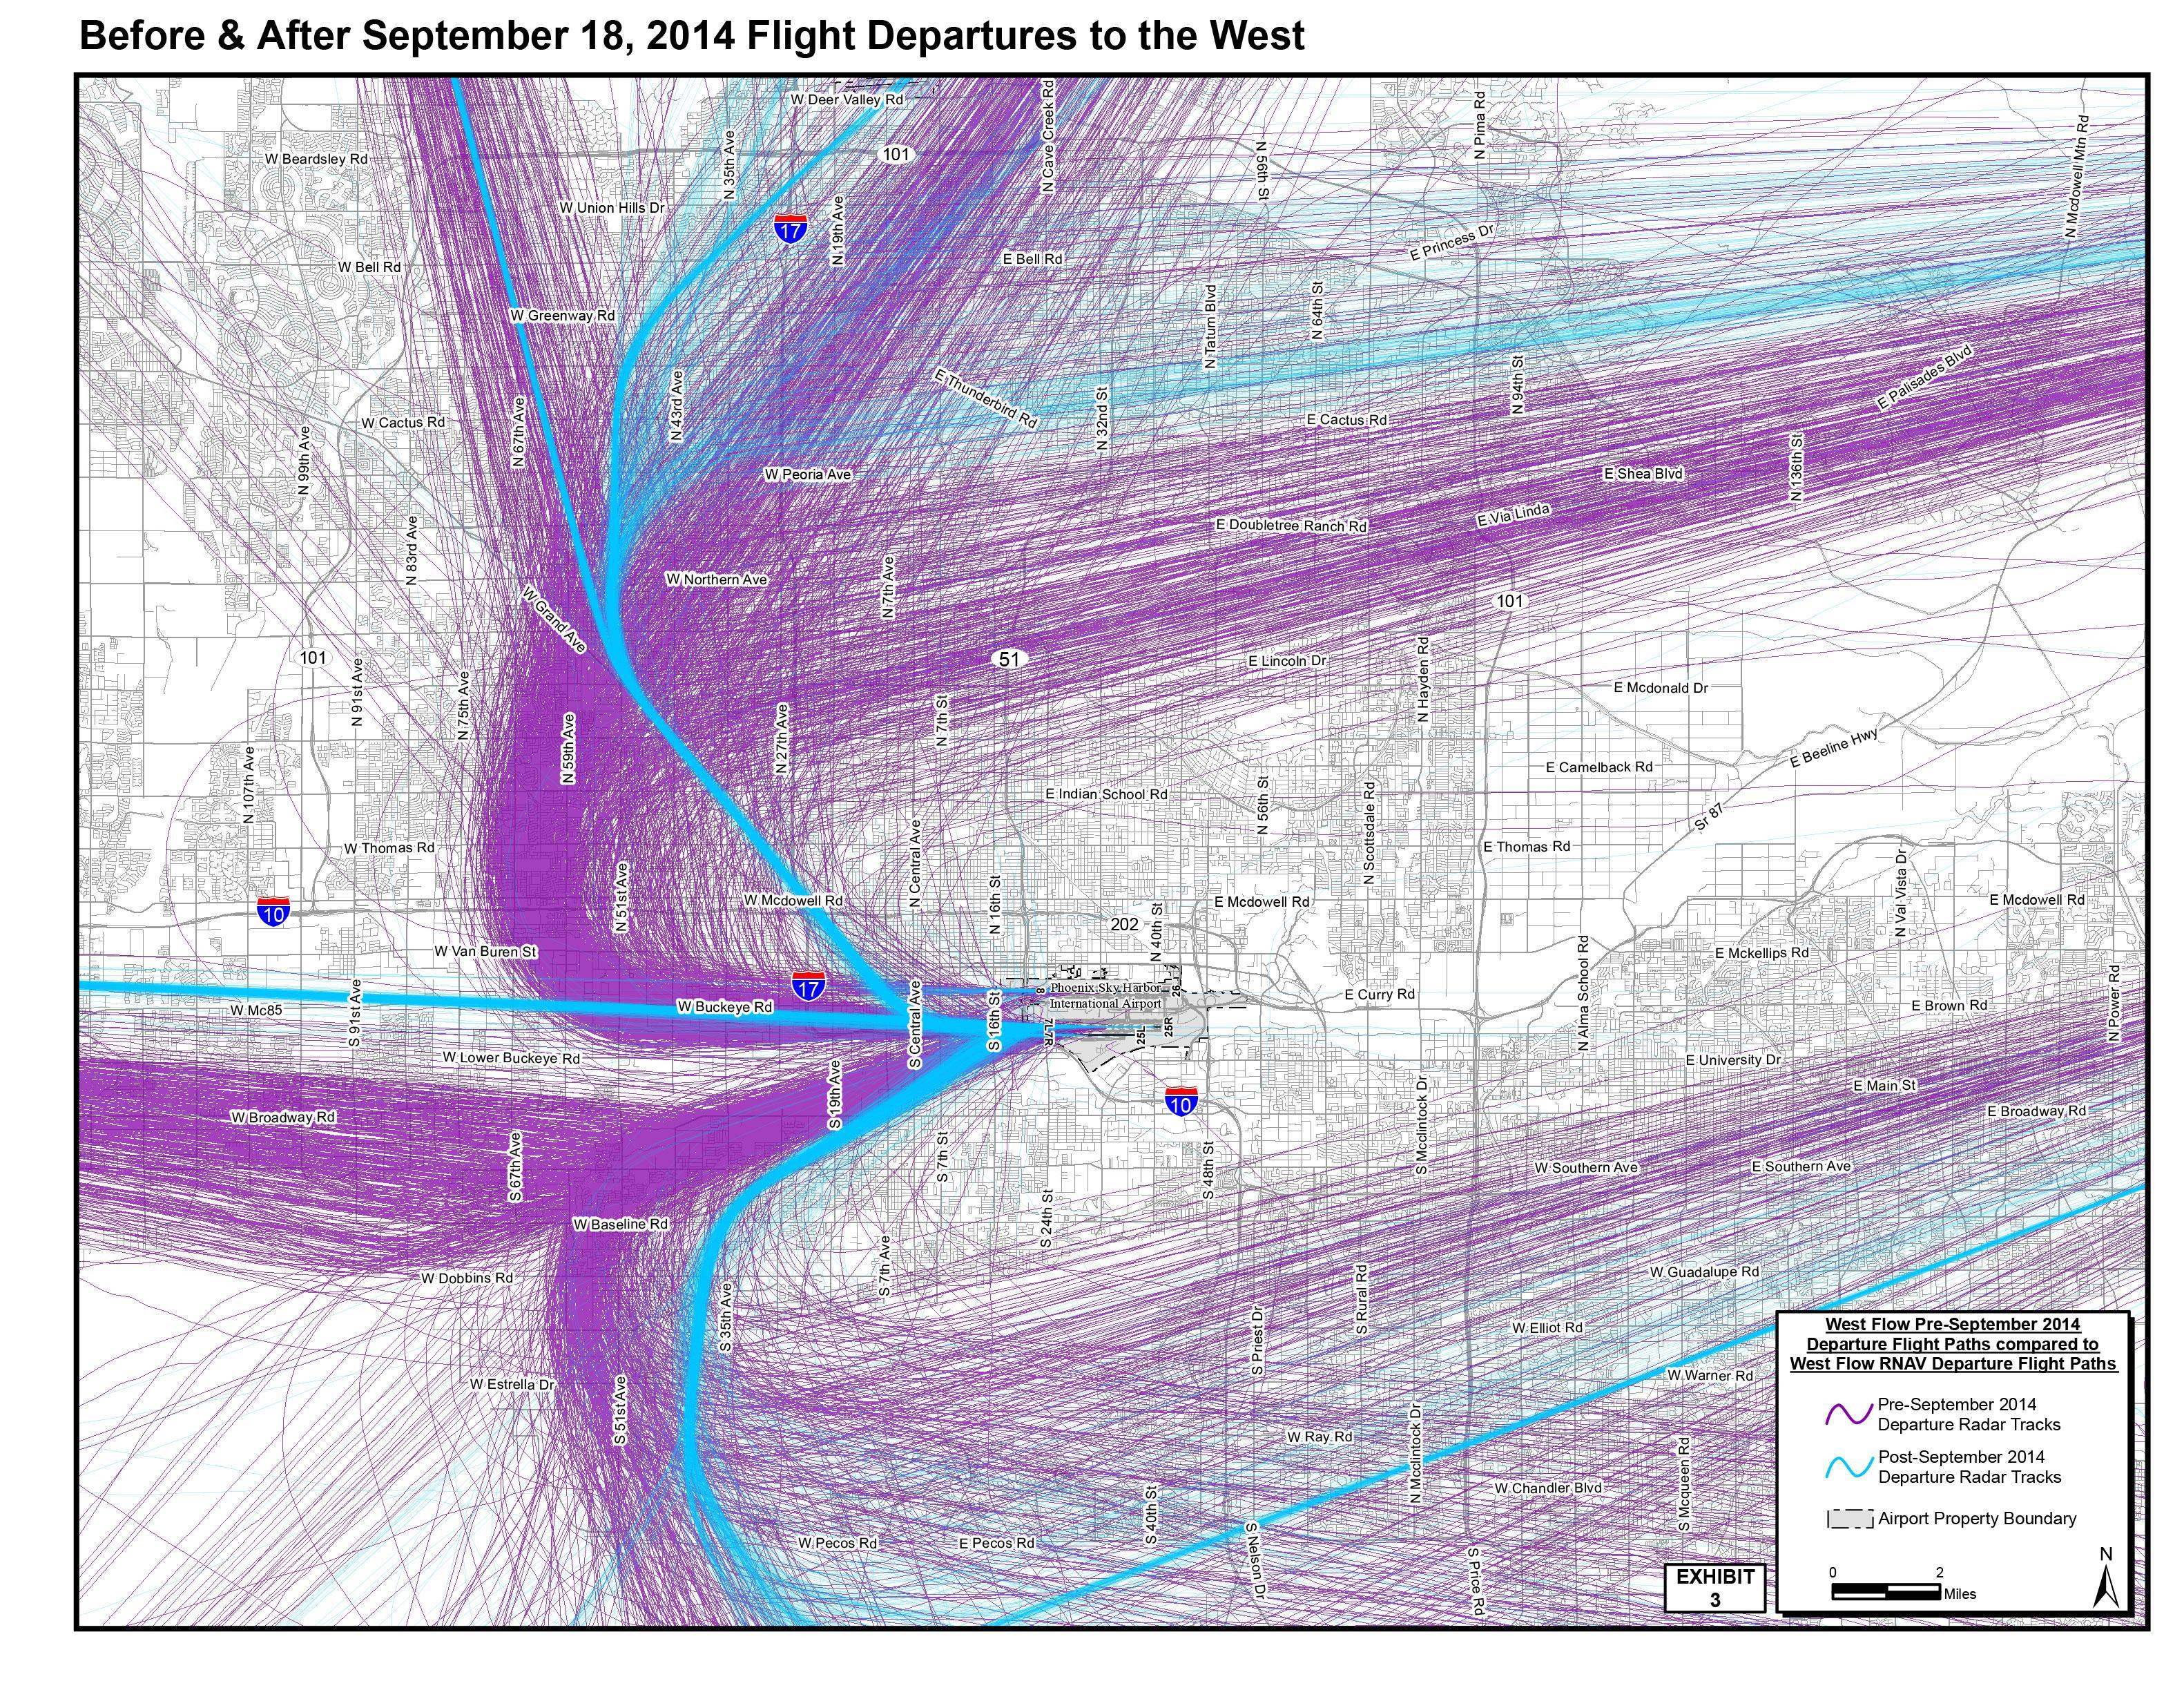 Faa Begins Community Meetings On Flight Path Changes